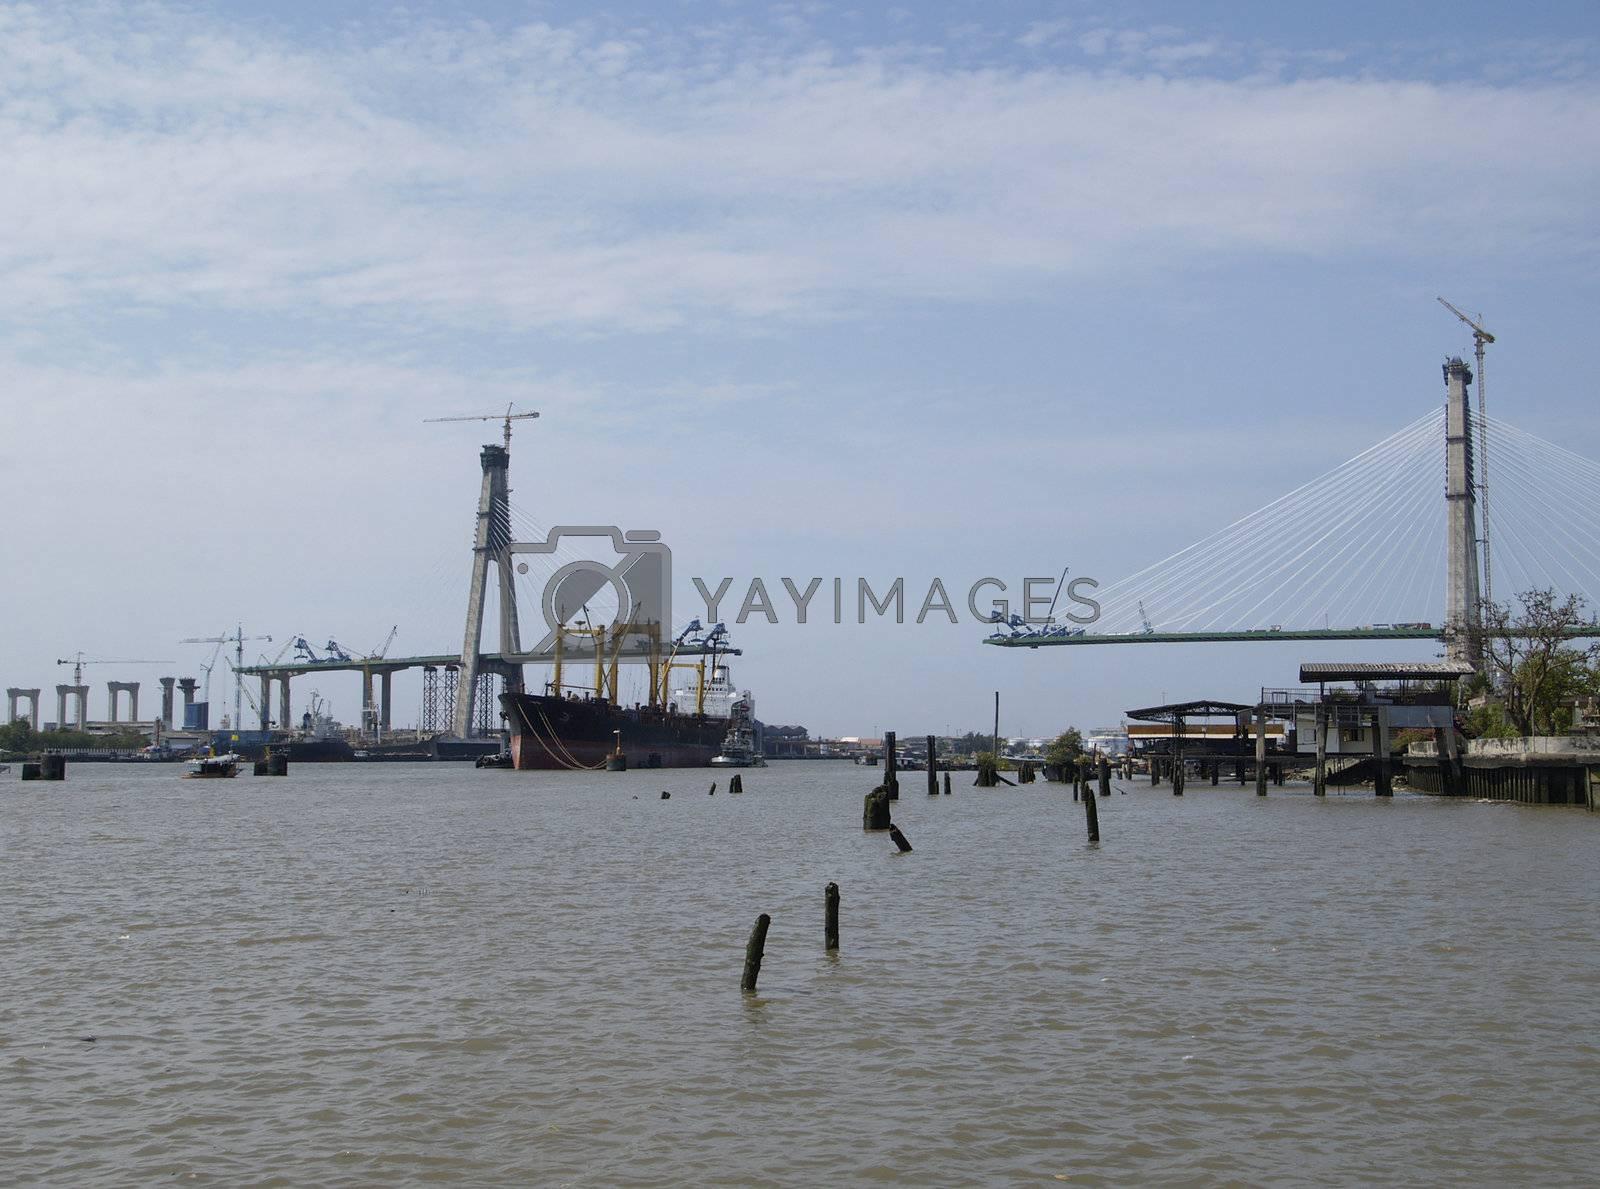 Bridge construction by epixx